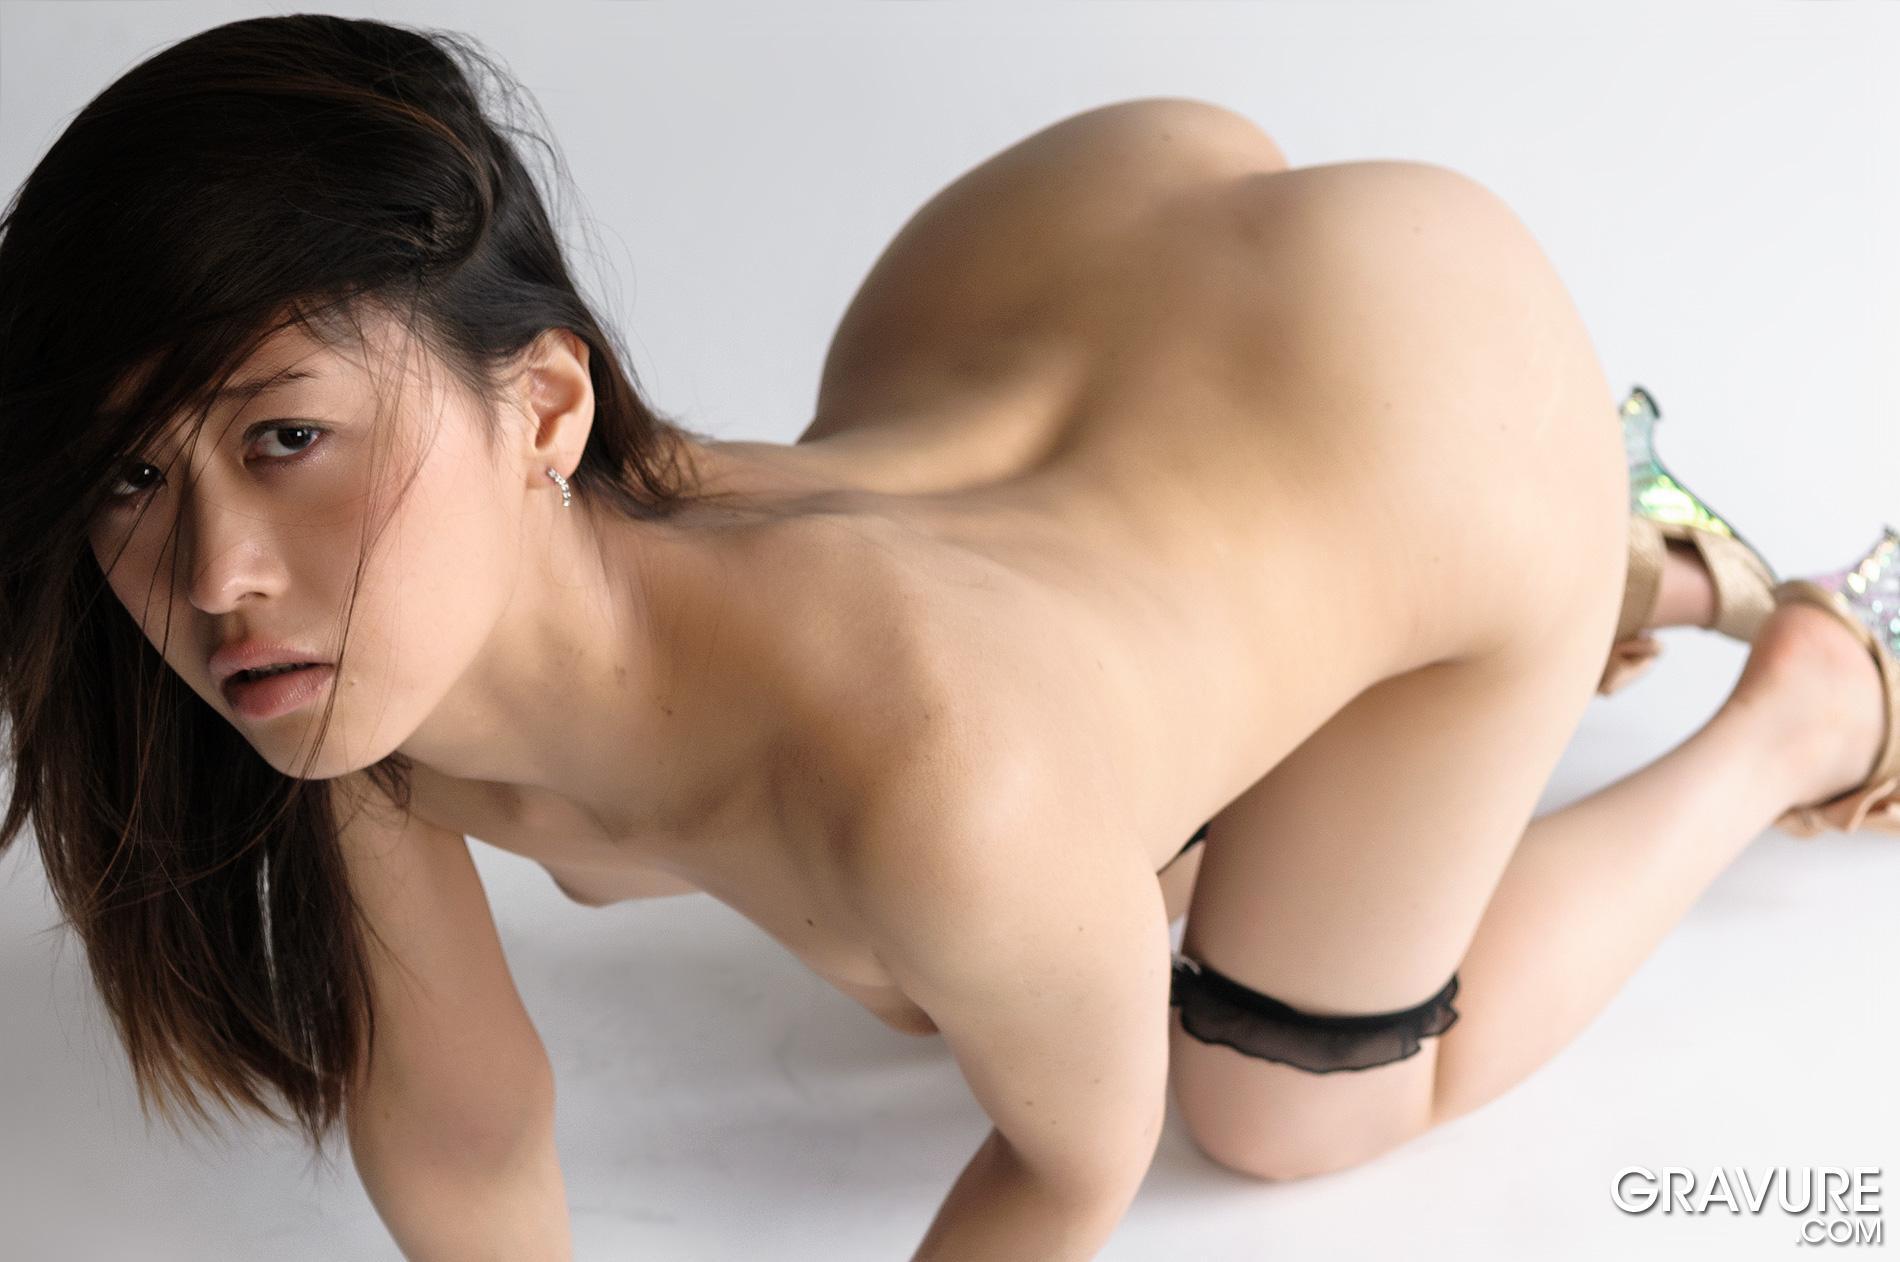 gravure.com  reika yamada